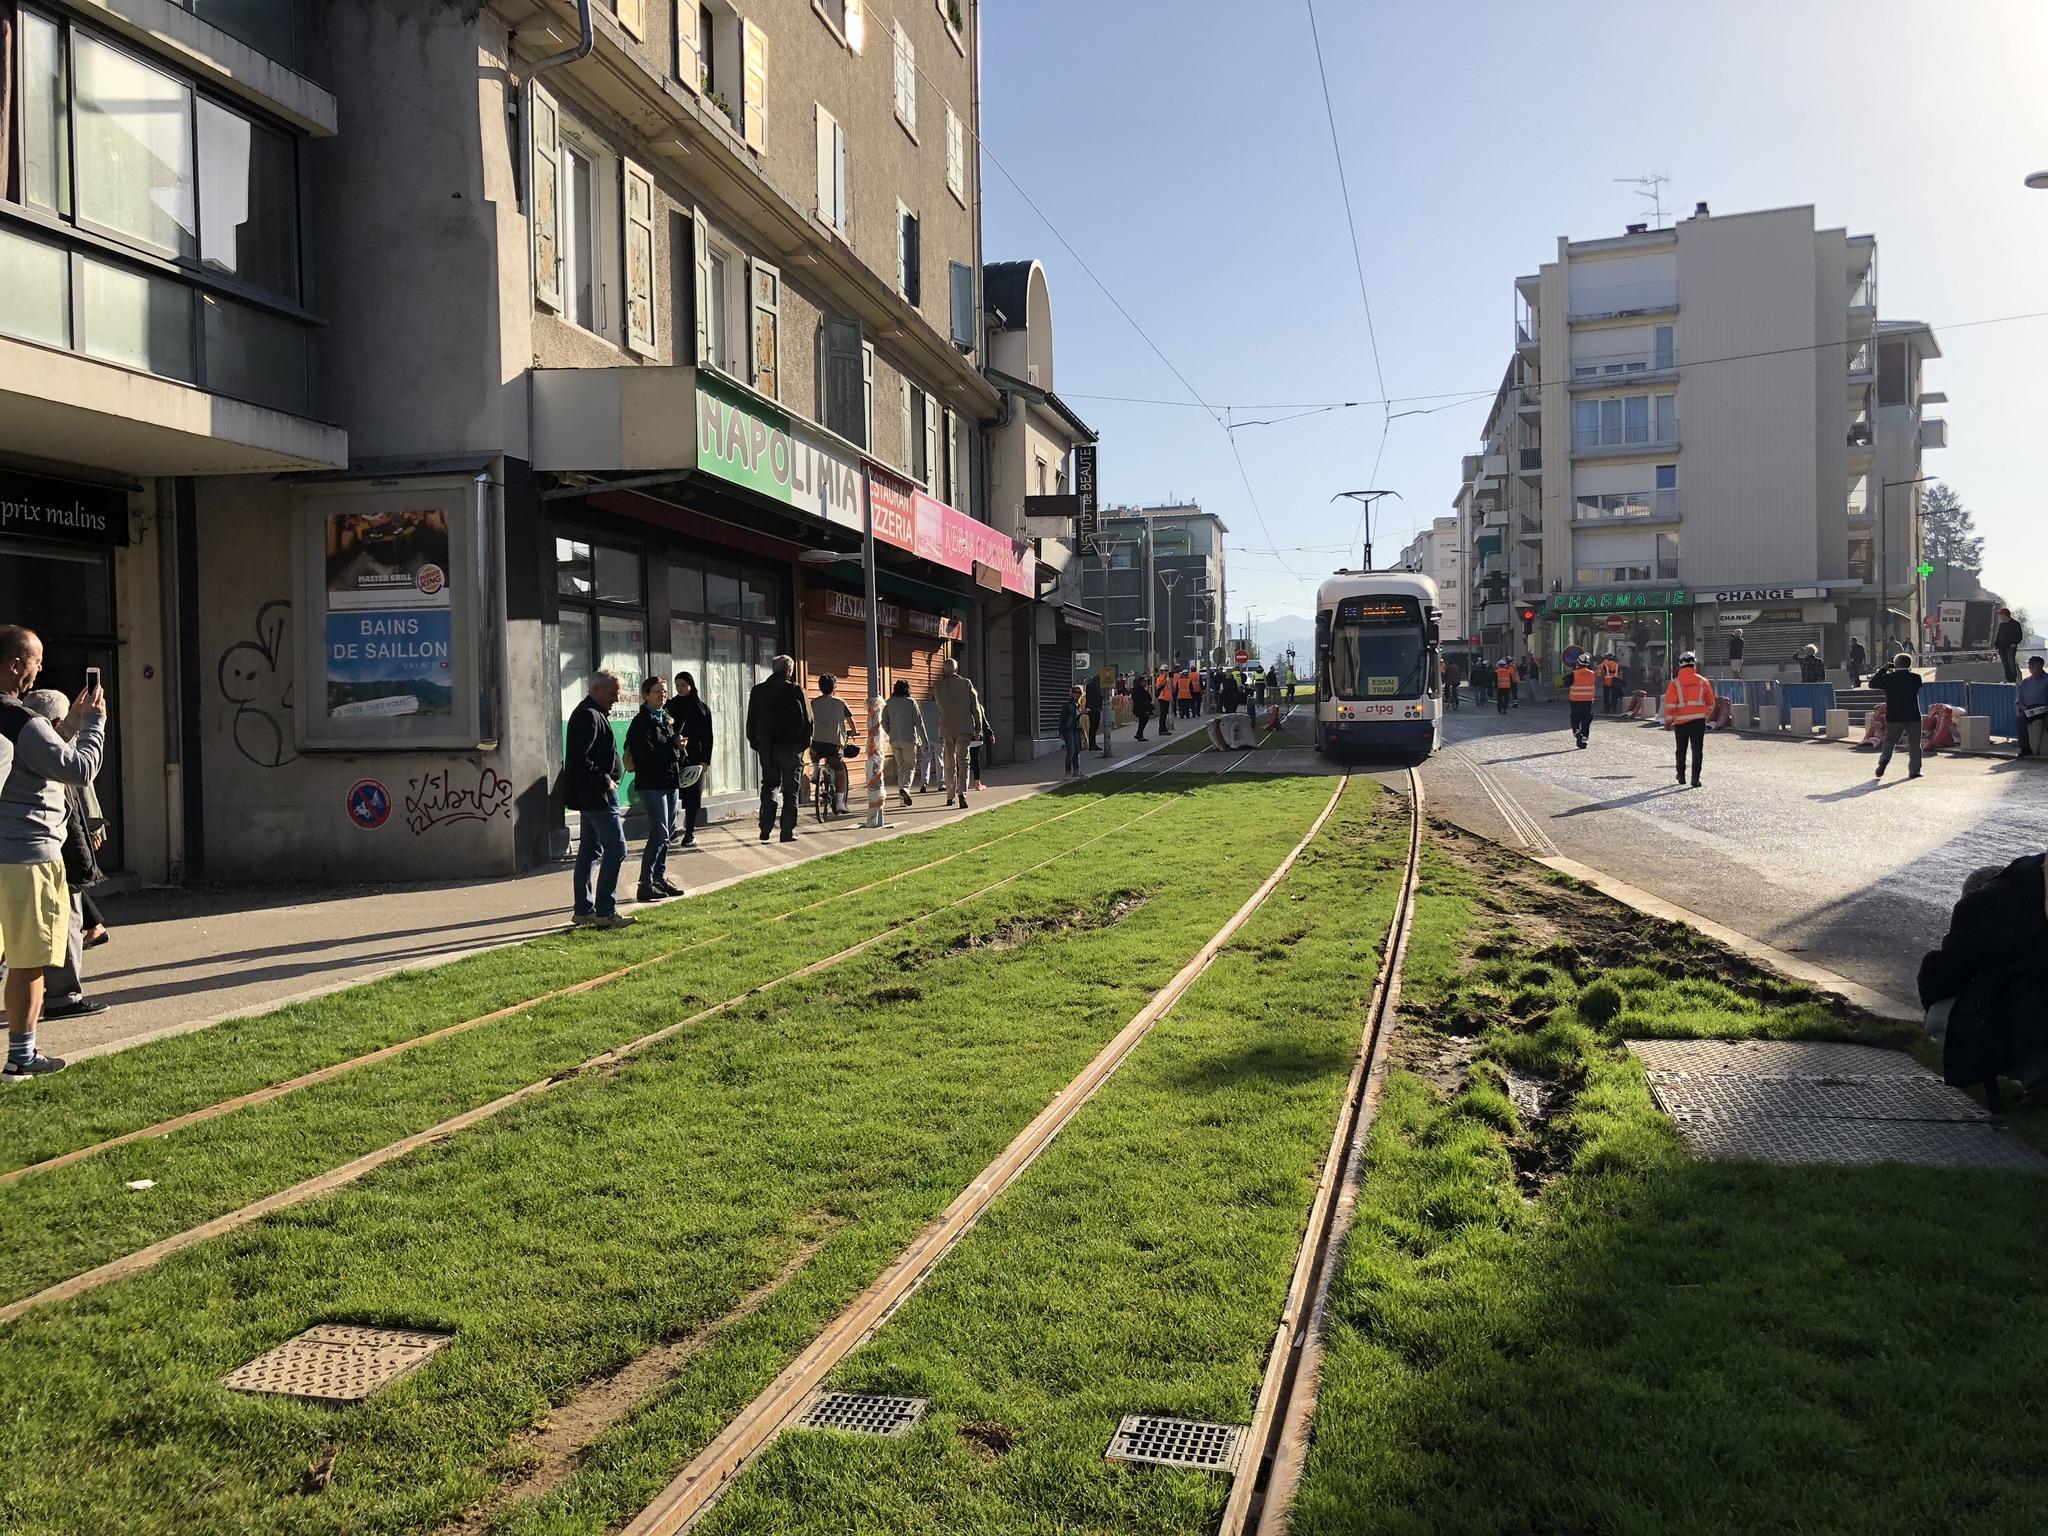 Le 14 octobre dernier, le tramway passait la frontière française, 60 ans après son ancêtre.